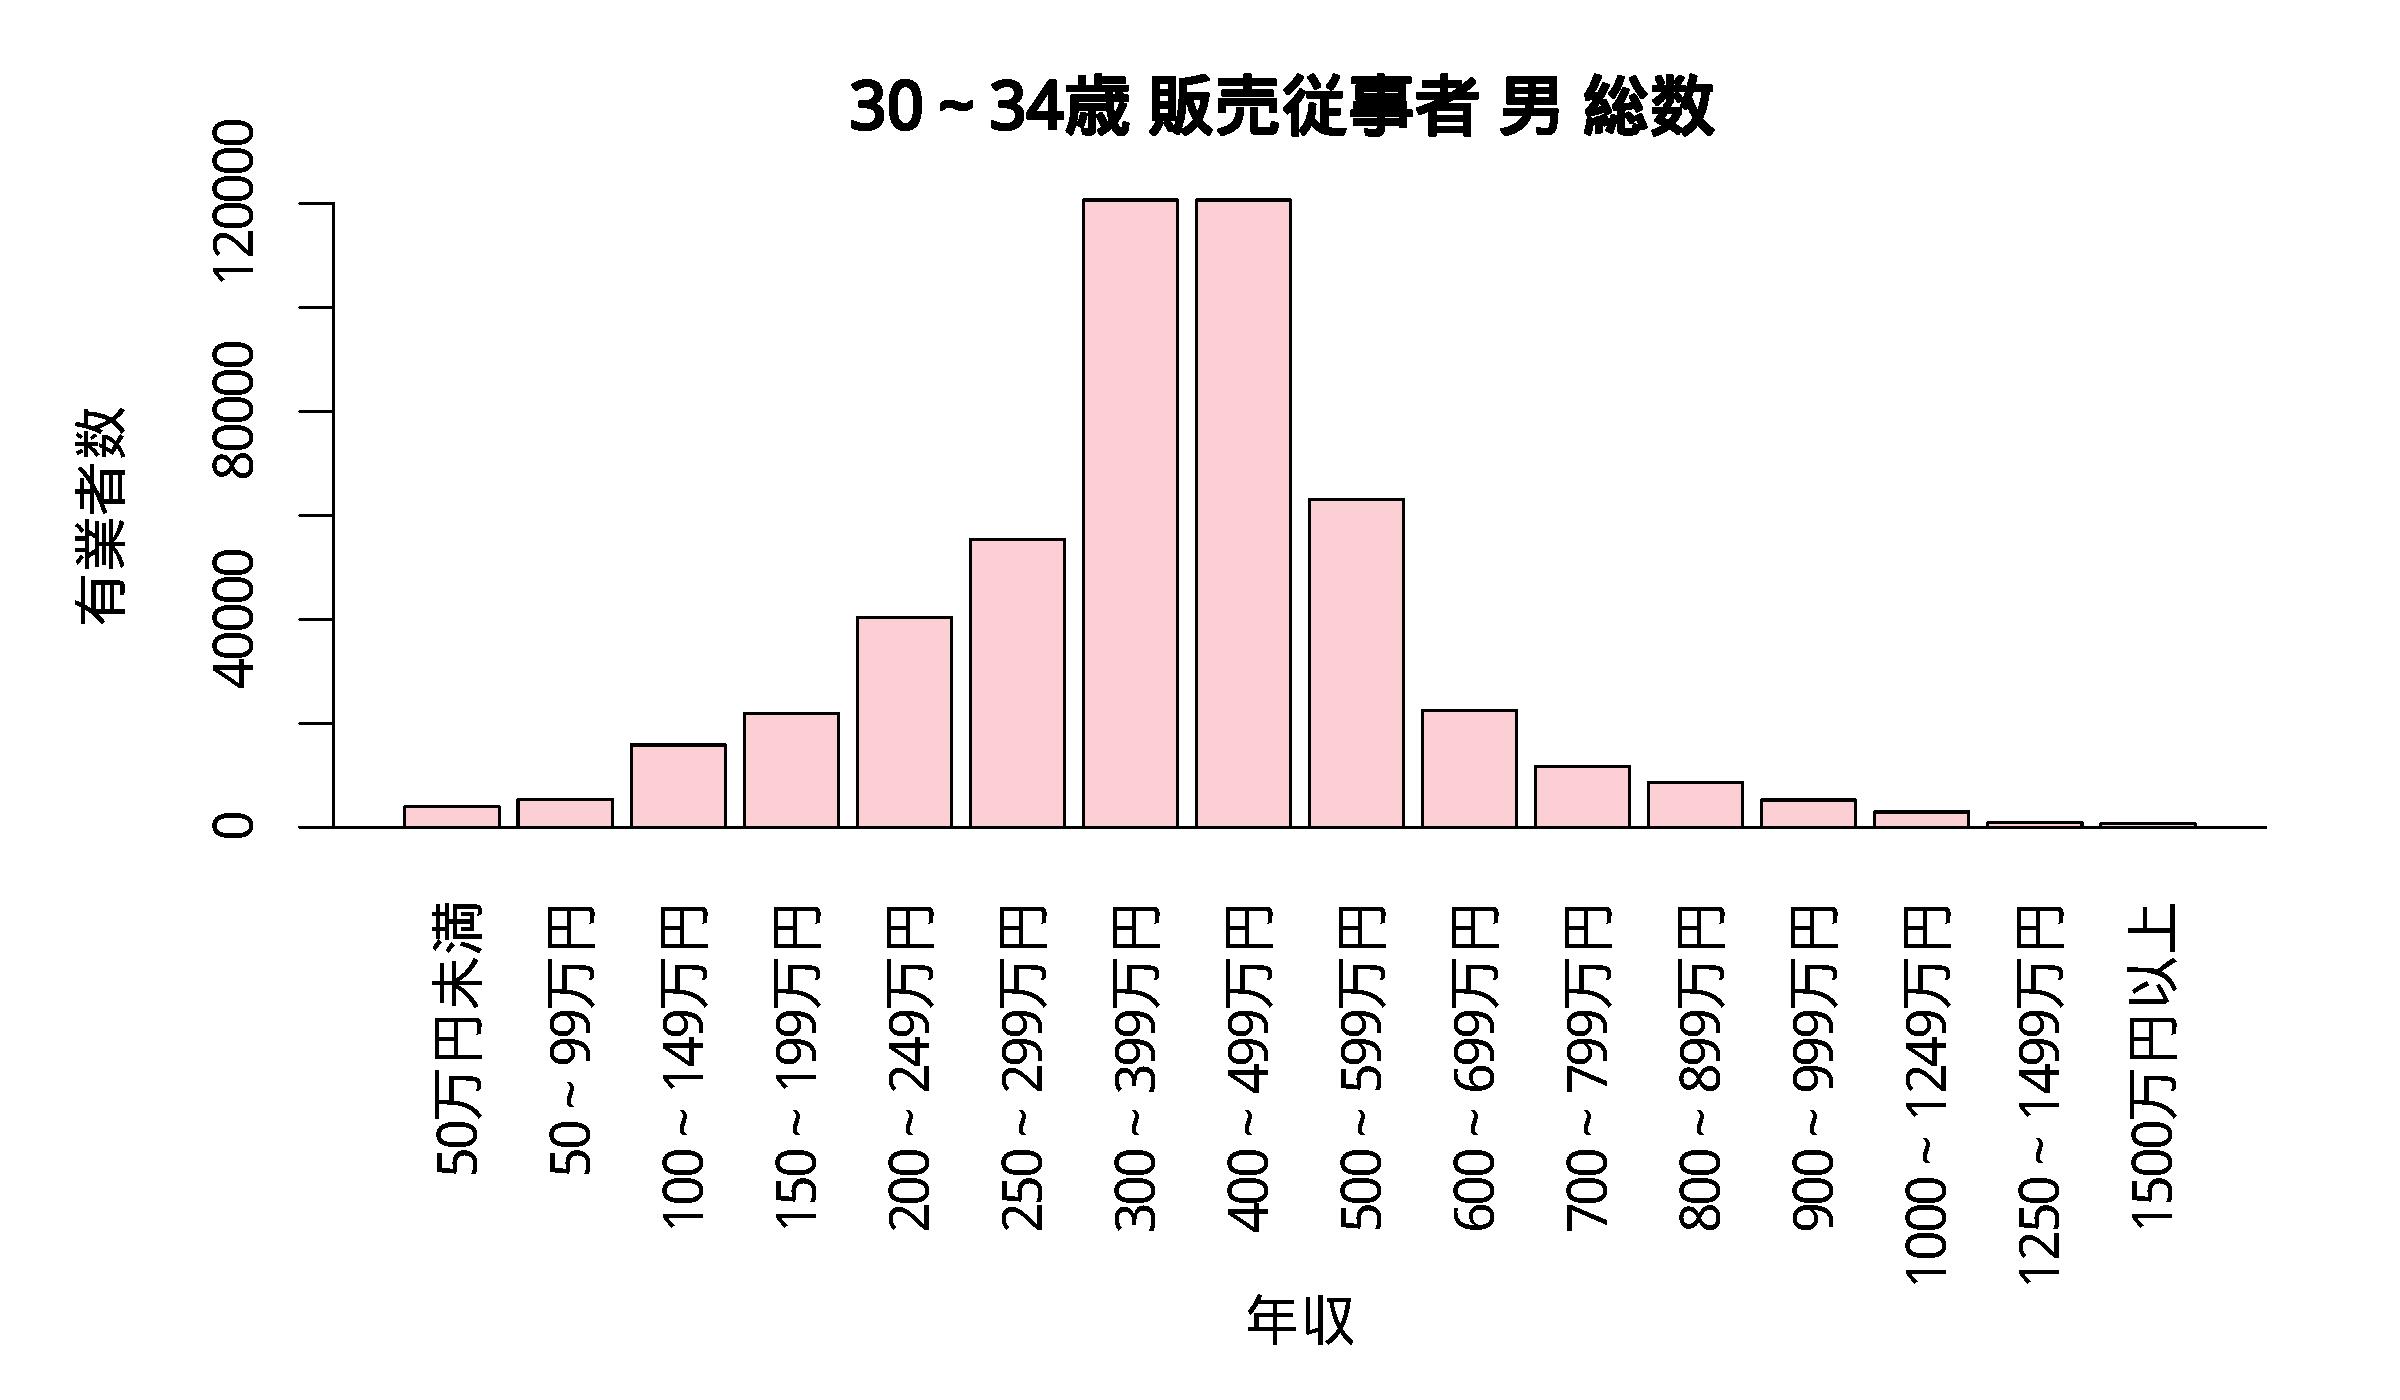 年収分布 30~34歳 販売従事者 男 総数